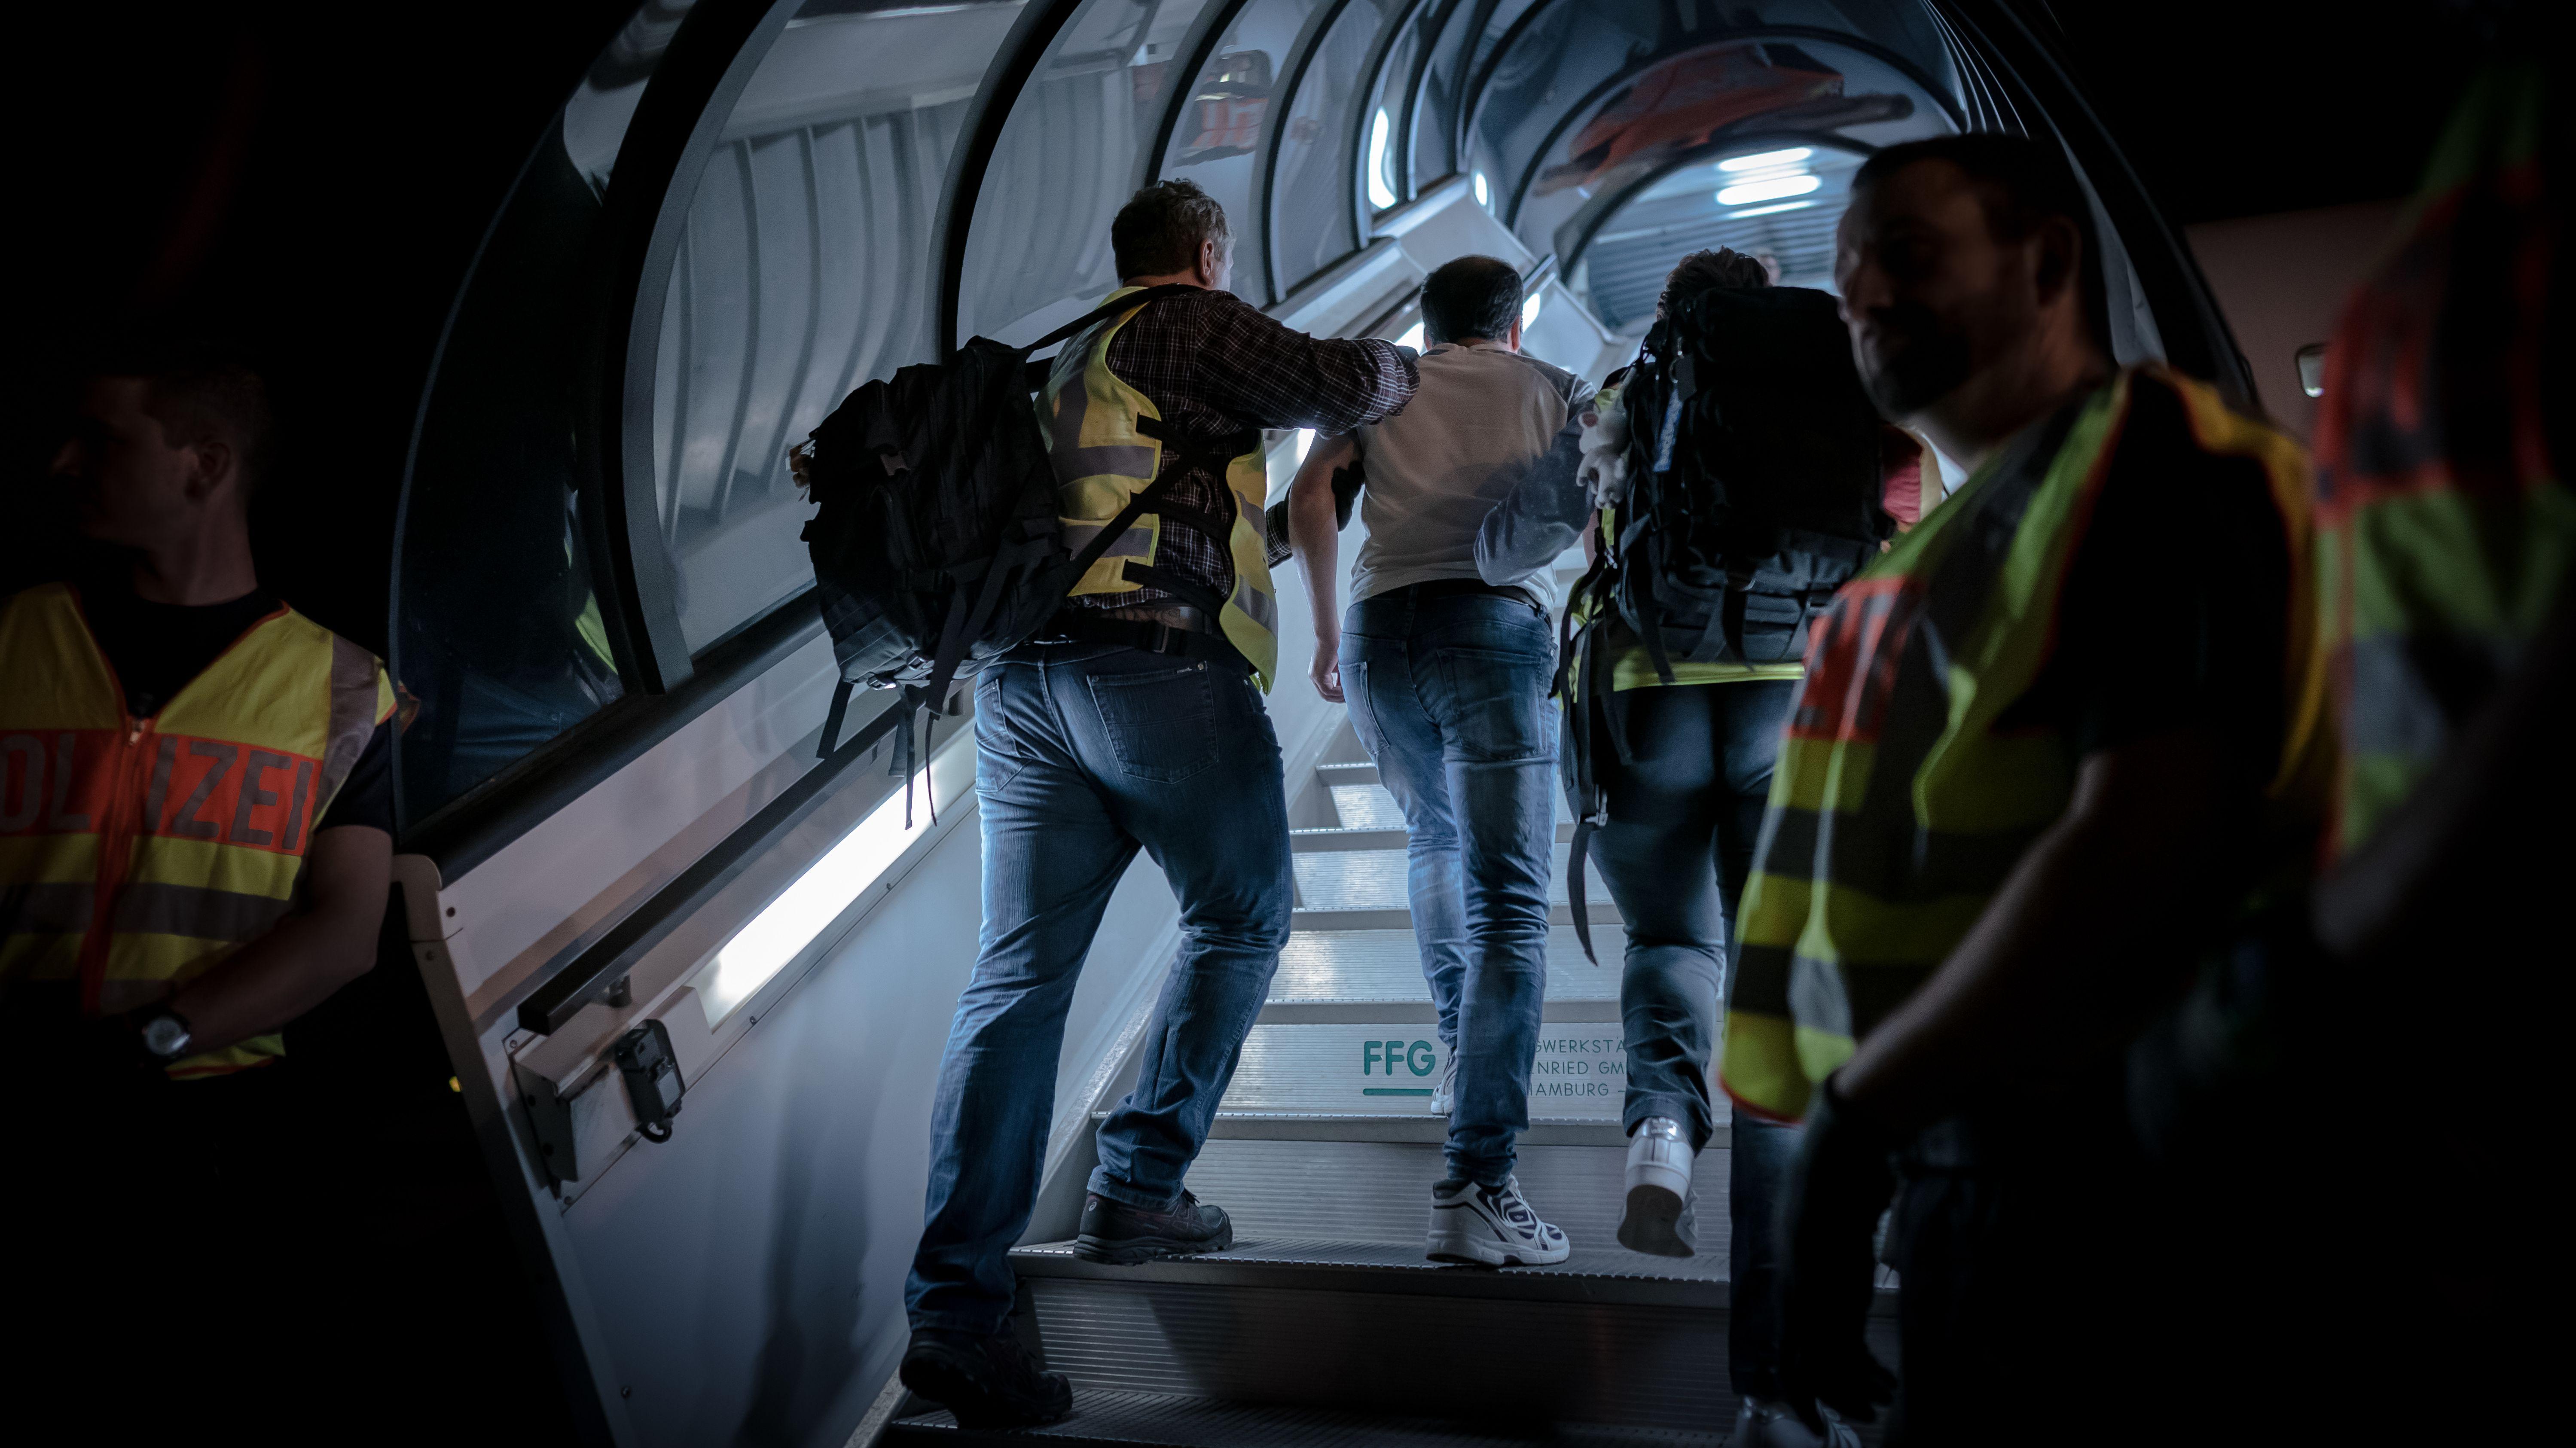 Archiv: Polizeibeamte begleiten einen Afghanen auf dem Flughafen Leipzig-Halle in ein Charterflugzeug. 45 abgelehnte Asylbewerber wurden mit dem Sonderflug in Afghanistans Hauptstadt Kabul abgeschoben